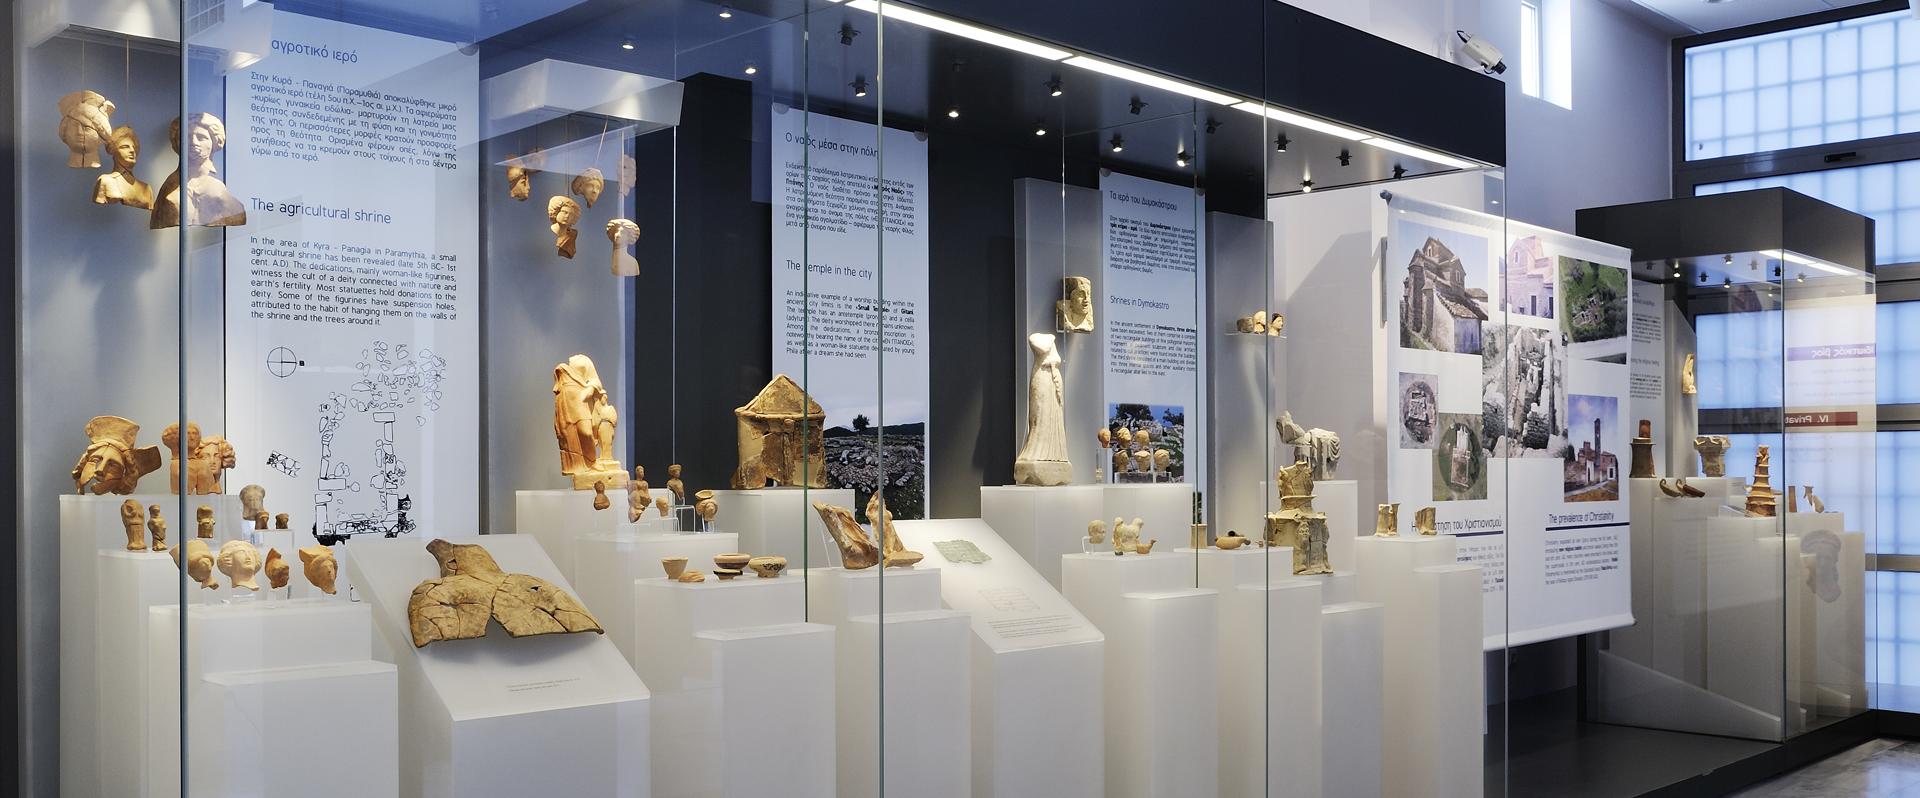 ΑΡΧΑΙΟΛΟΓΙΚΟ ΜΟΥΣΕΙΟ ΗΓΟΥΜΕΝΙΤΣΑΣ - ARCHAEOLOGICAL MUSEUM OF IGOUMENITSA